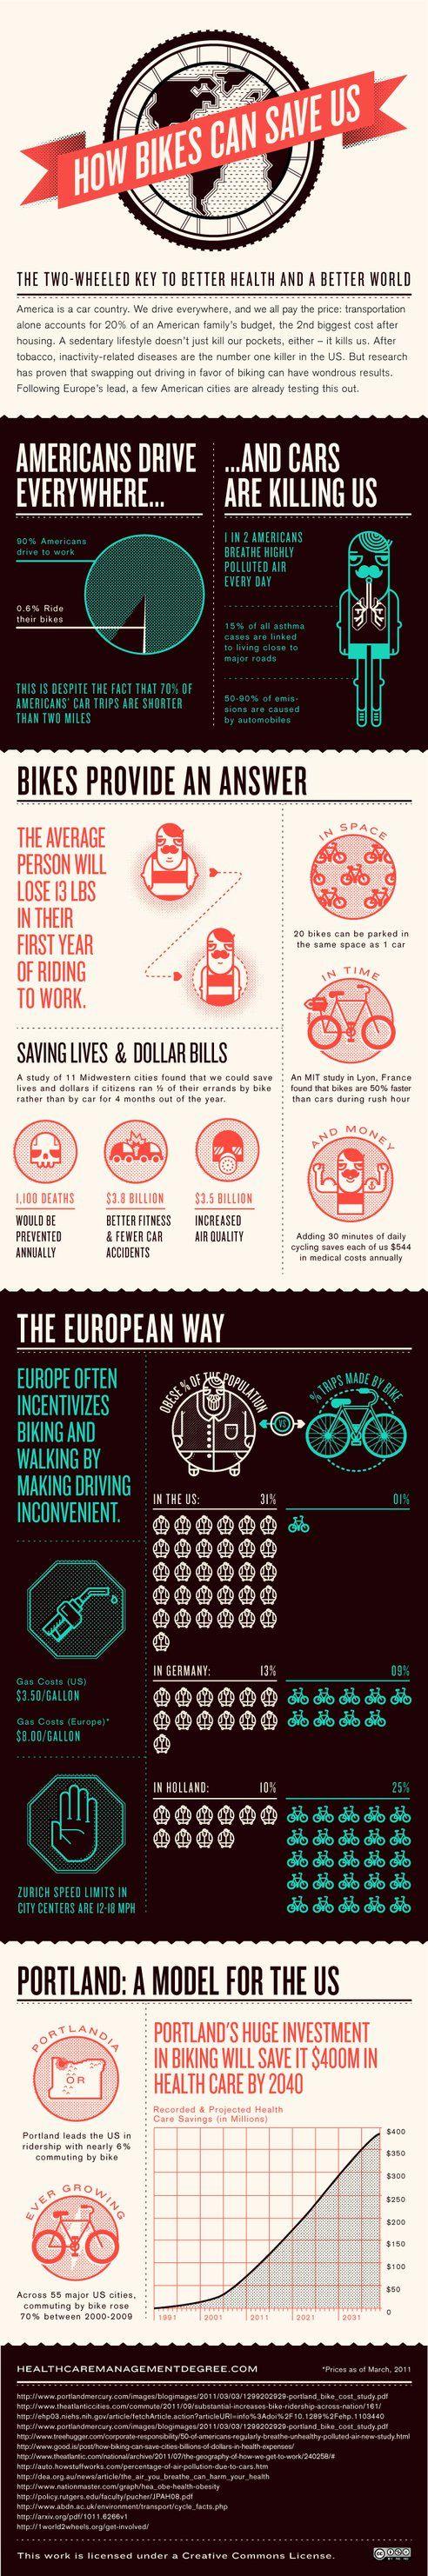 infographic - Go Bikes!